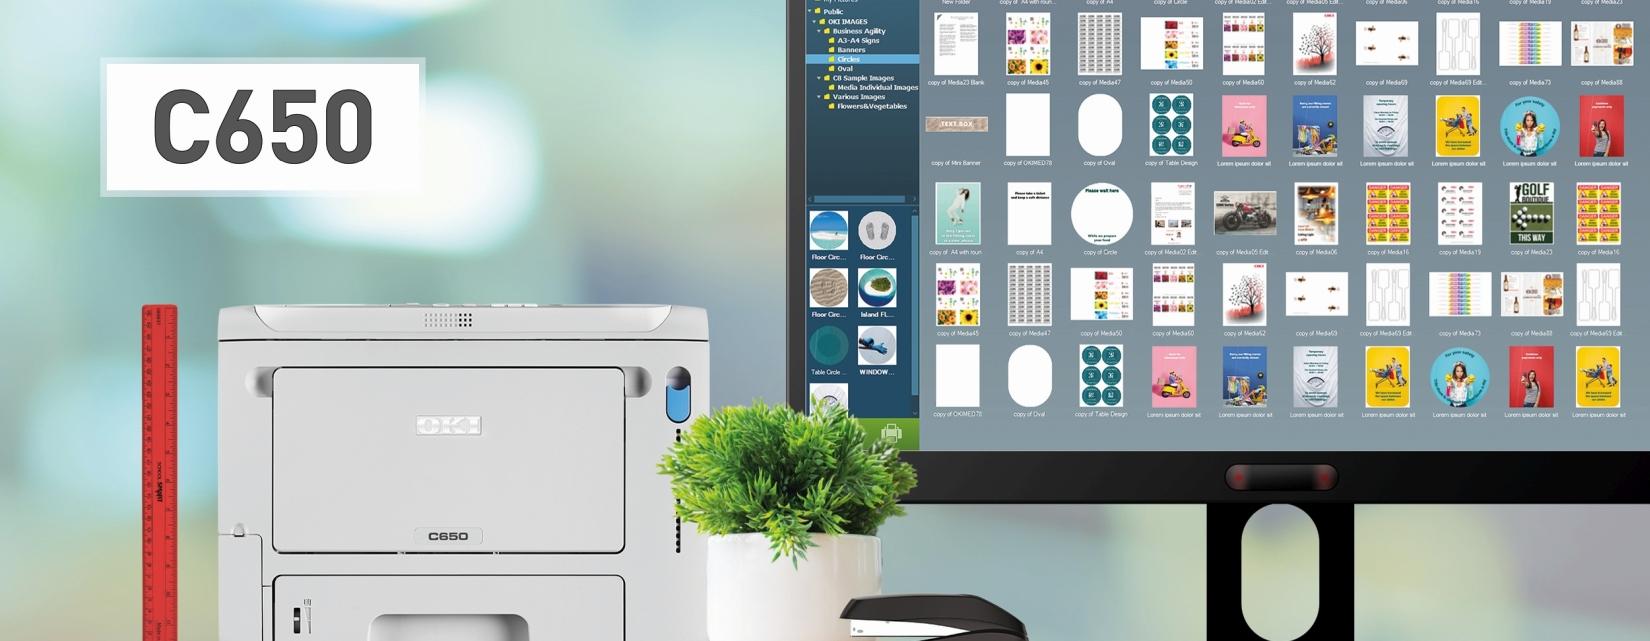 oki-c650-najmniejsza-kolorowa-drukarka-laserowa-a4-